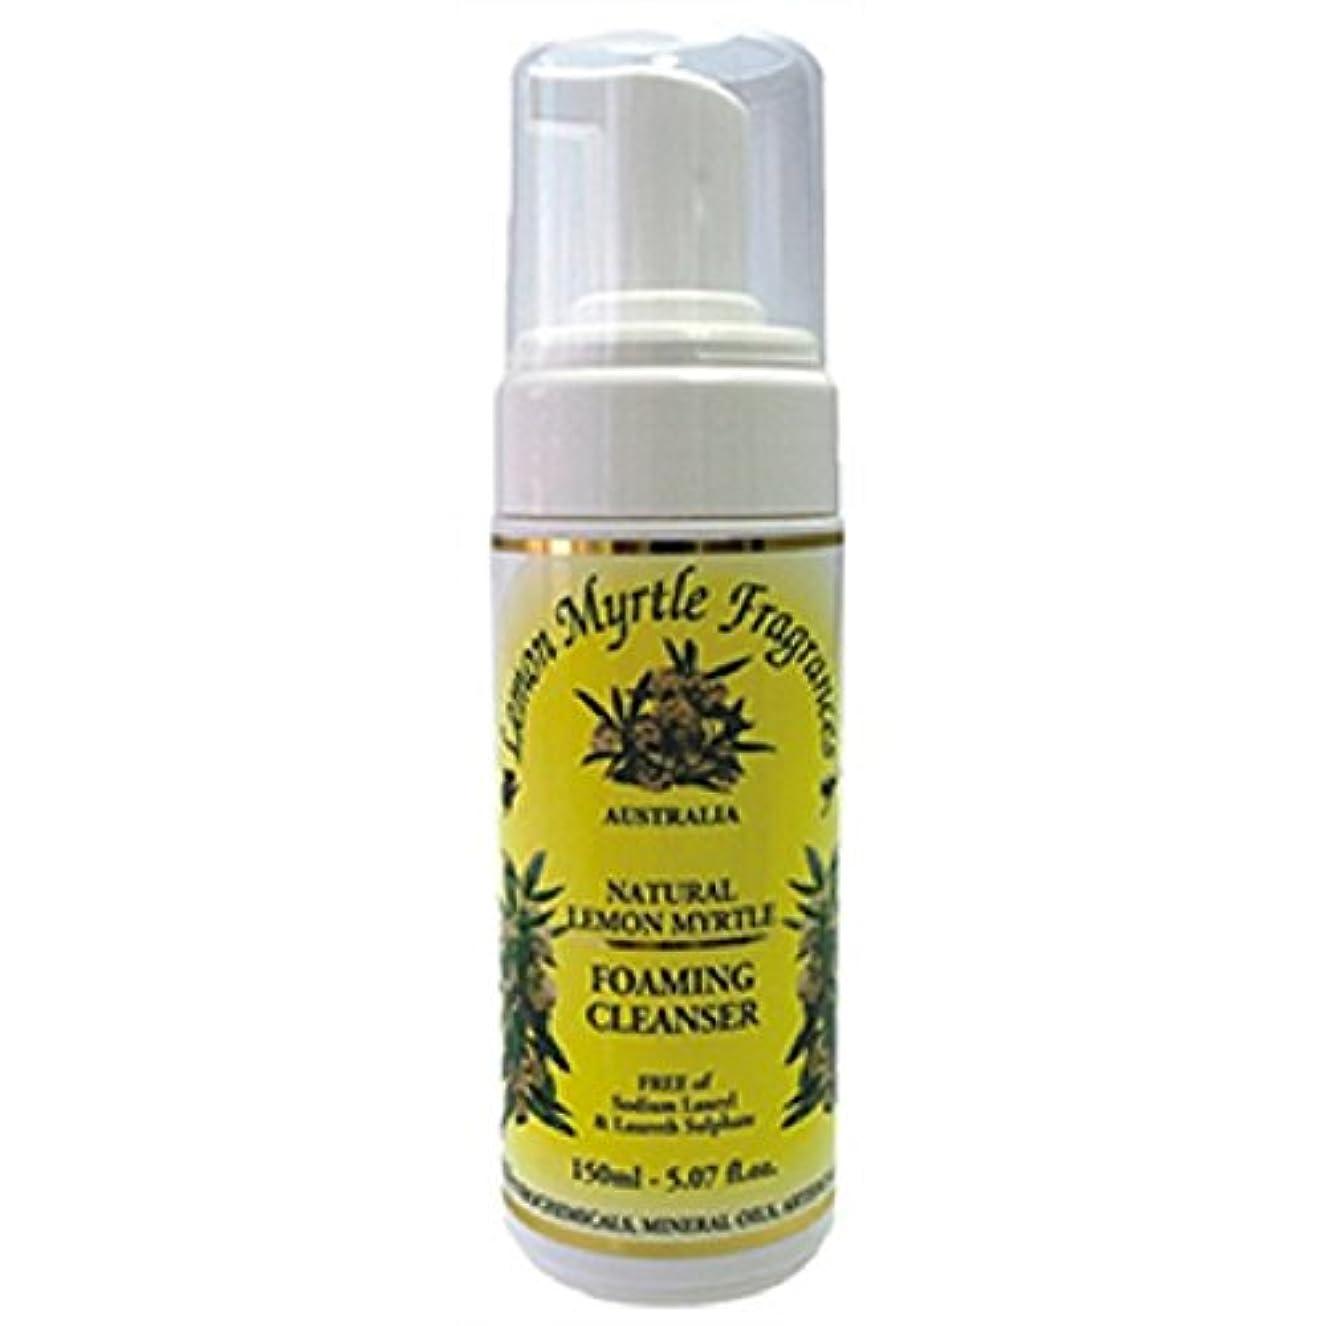 作り機械的に注意【LEMON MYRTLE FRAGRANCES】Hand Cleanser レモンマートルフレグランス ハンドソープ 150g